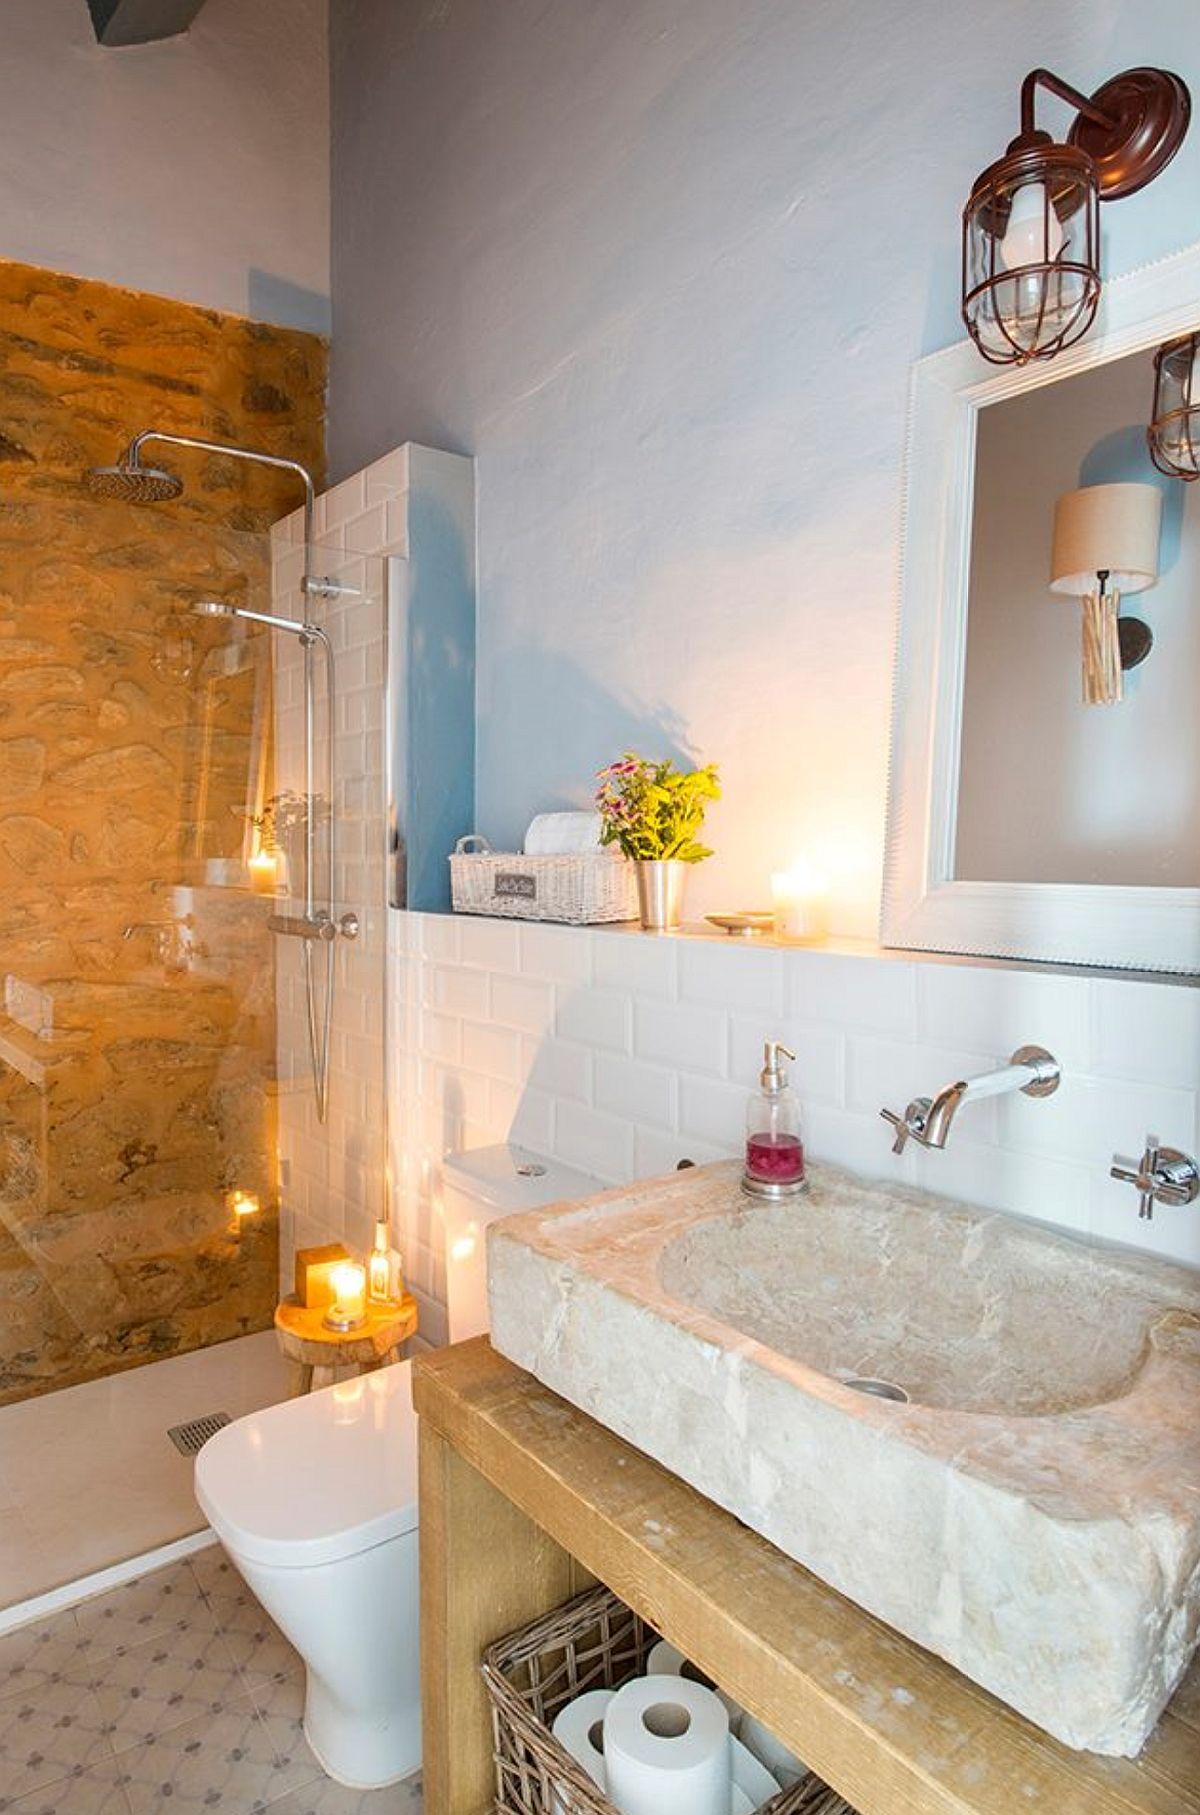 adelaparvu.com despre casa lunga si ingusta cu terasa, stil marin, design Nice Home Barcelona, Foto Jordi Canosa (2)